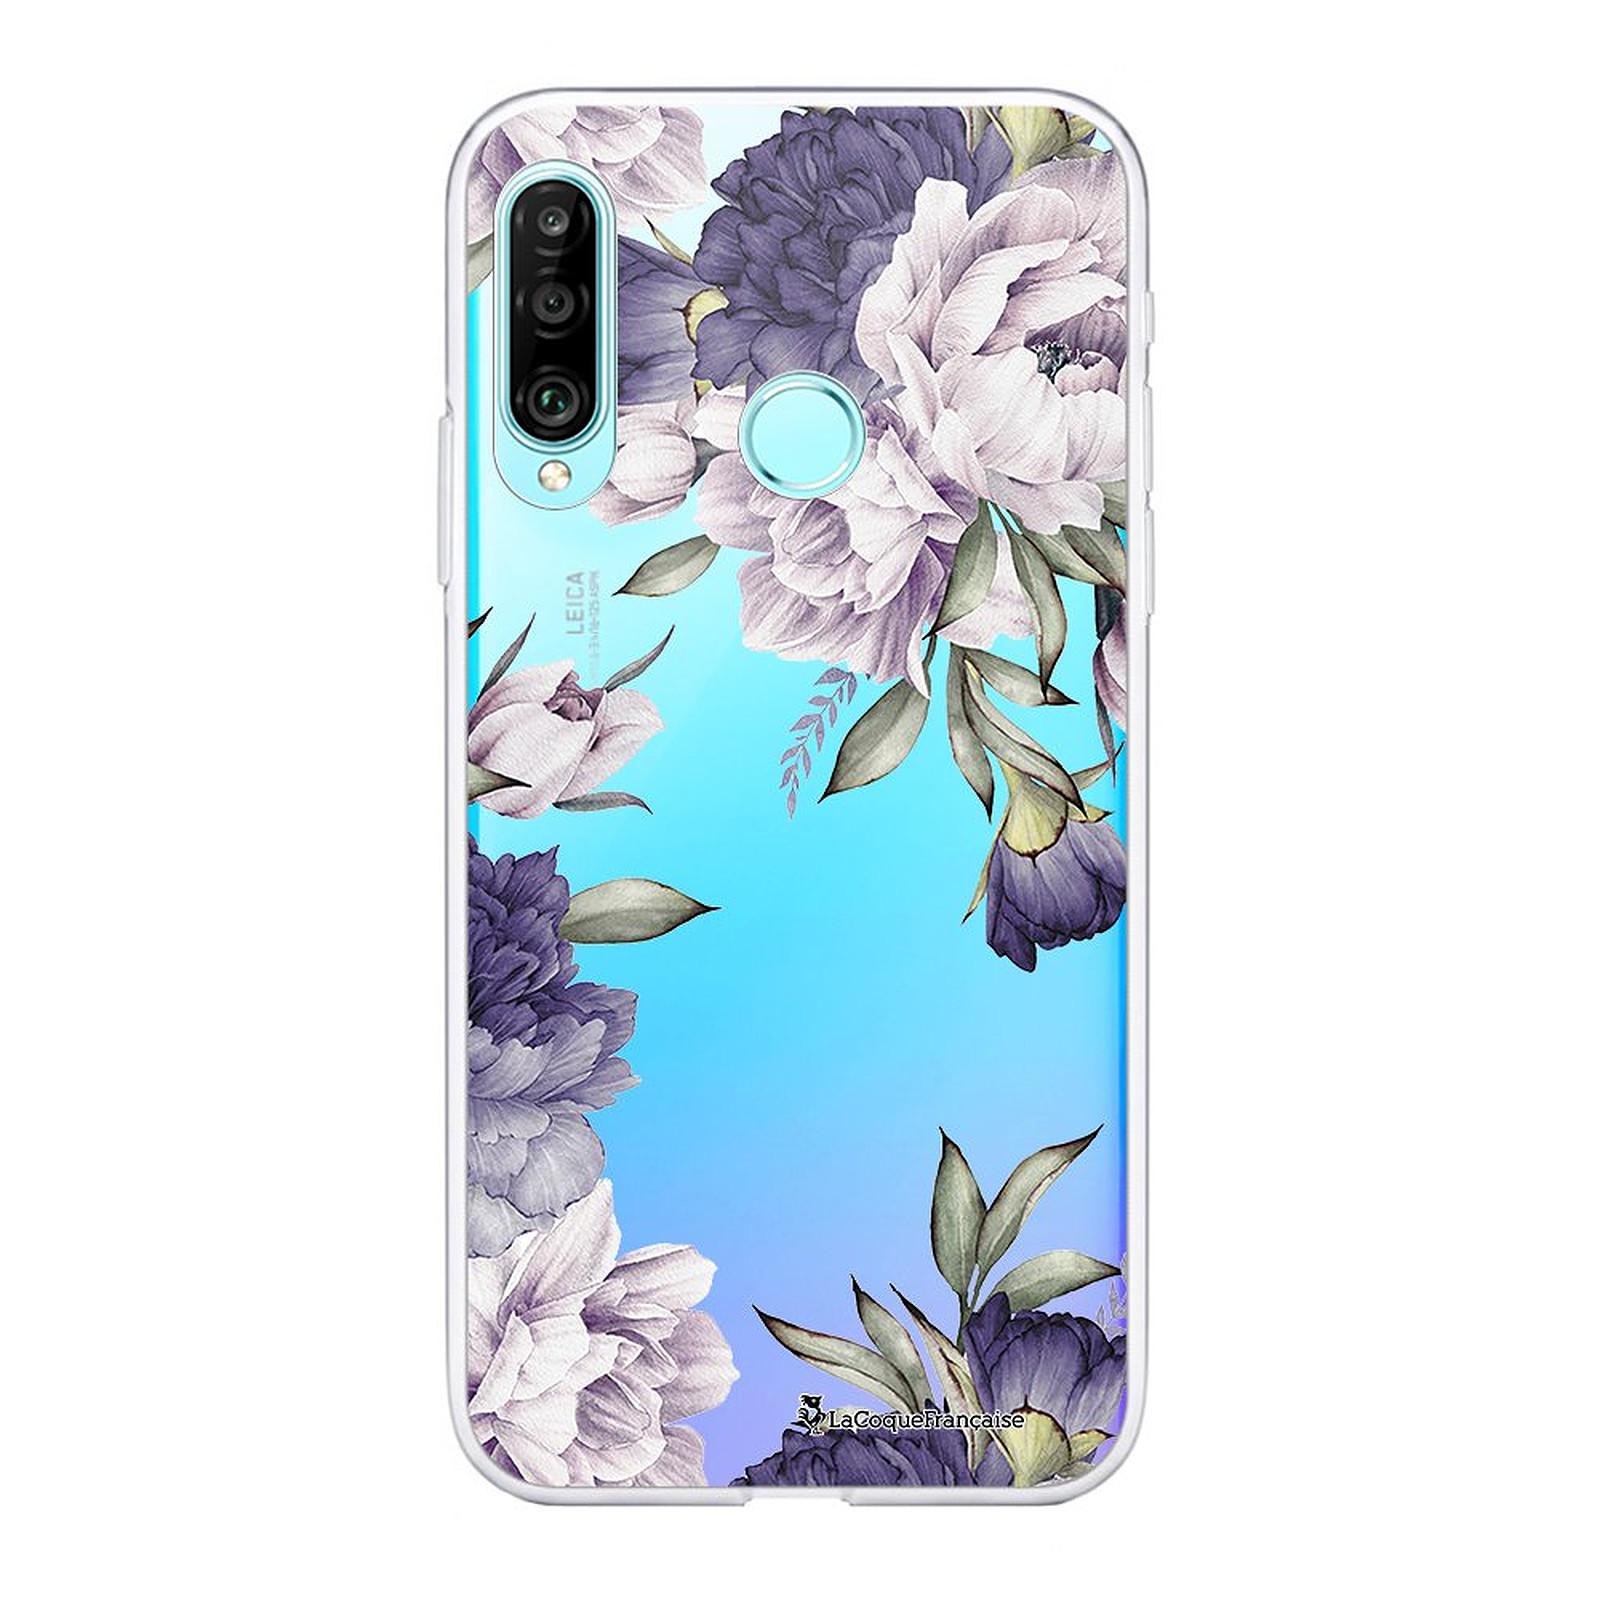 LA COQUE FRANCAISE Coque Huawei P30 Lite 360 intégrale transparente Pivoines Violettes Tendance - Coque téléphone LaCoqueFrançaise sur LDLC